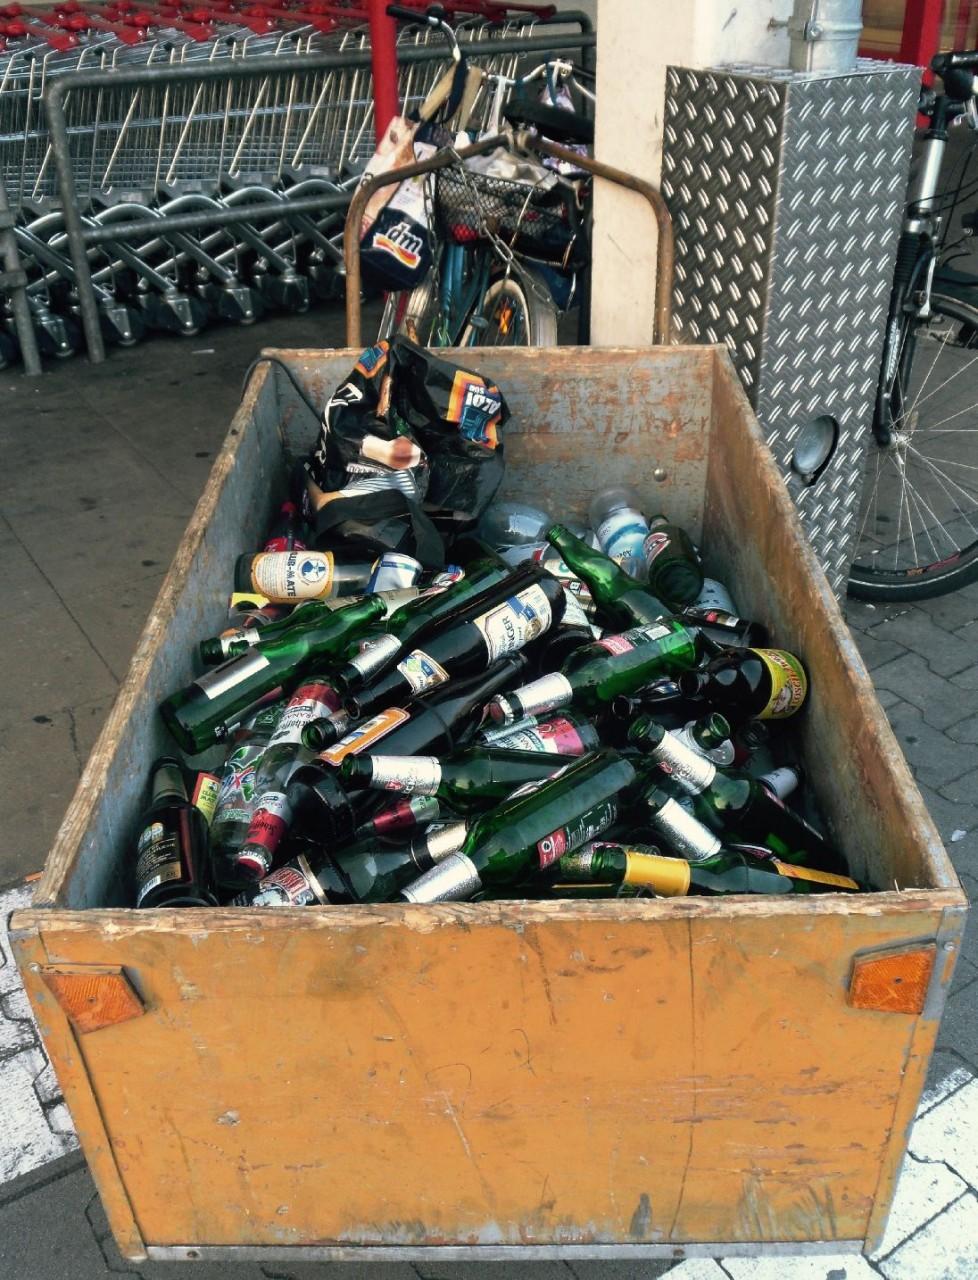 Wertstoffsammlung, aufgenommen im Ortsteil Jungbusch am 08.08.2015, bearbeitet und eingesetzt am 03.09.2015, DieRedaktion ...